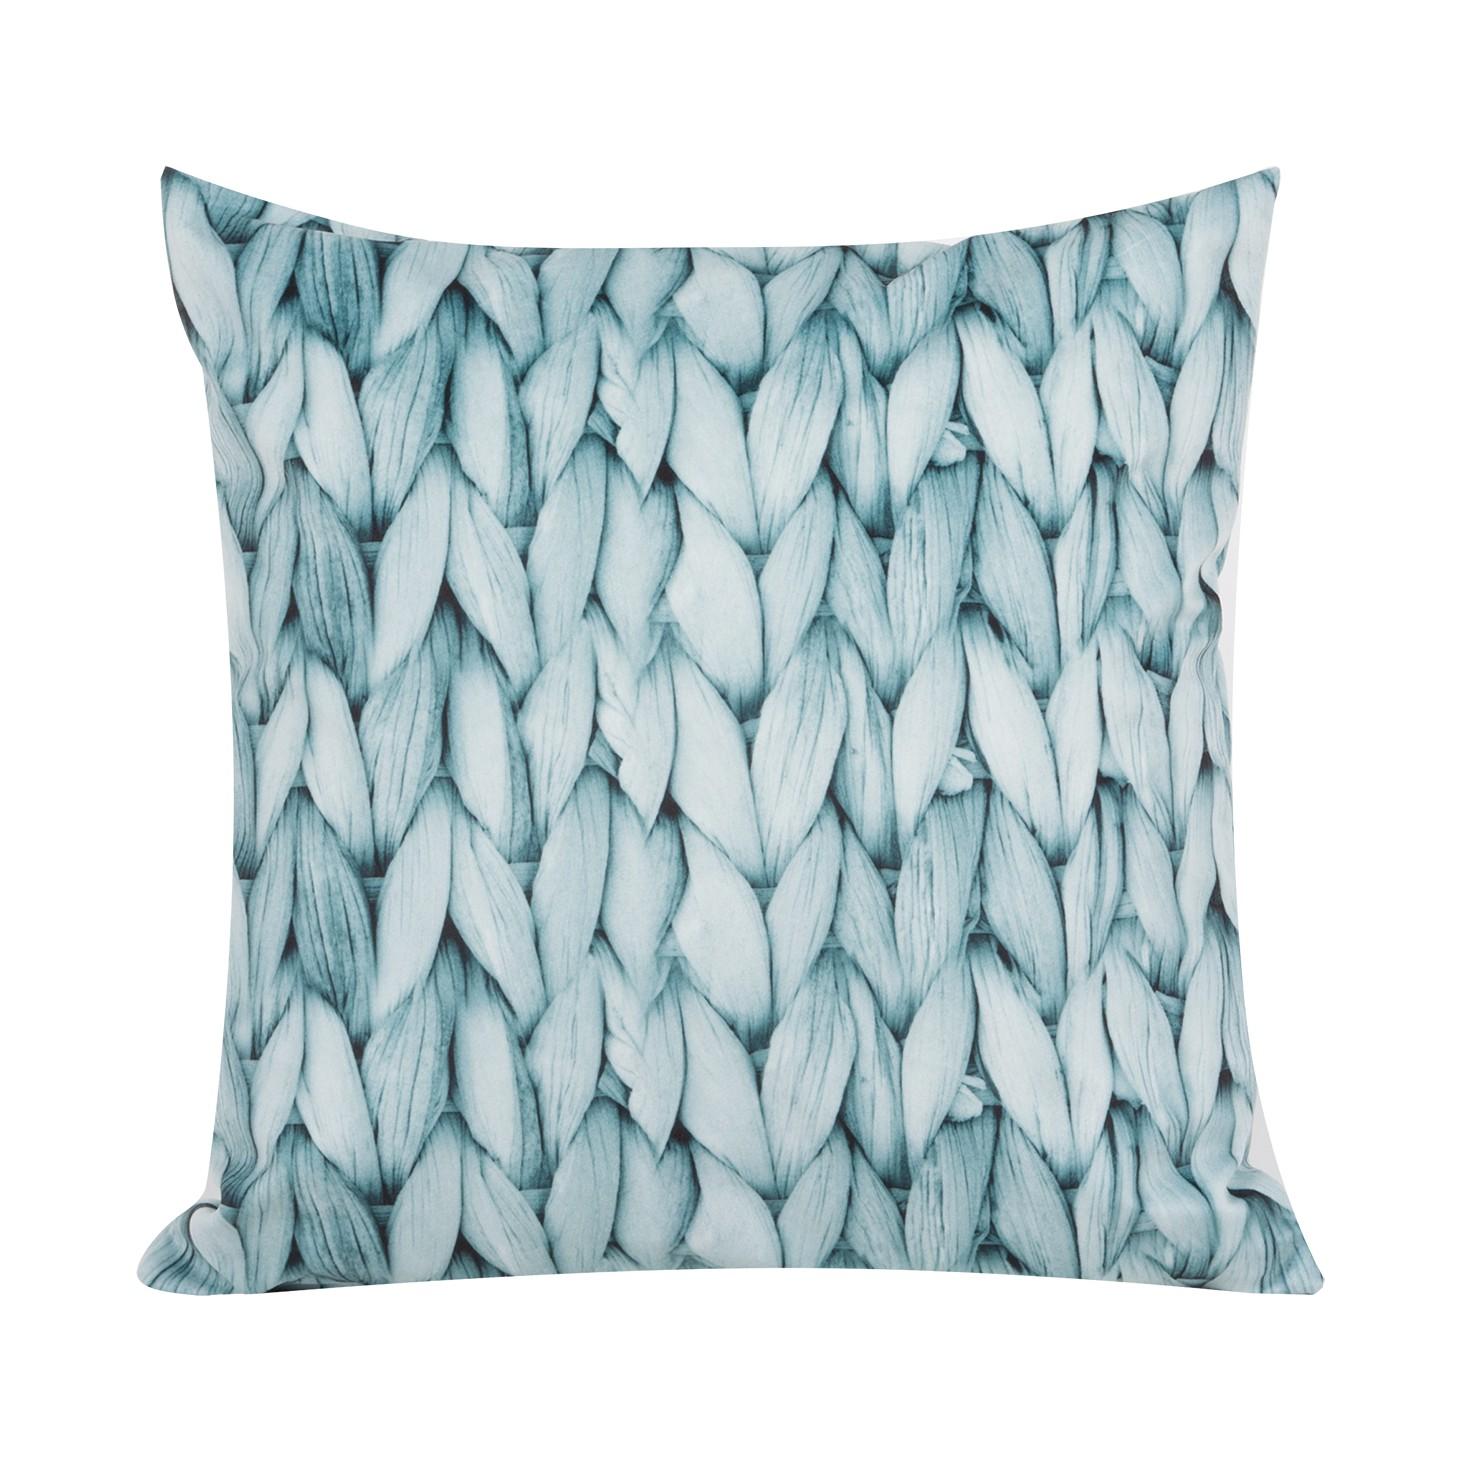 Kussensloop Knitting - grijsblauw 40x40cm - Grijsblauw - 50x50cm, Morteens